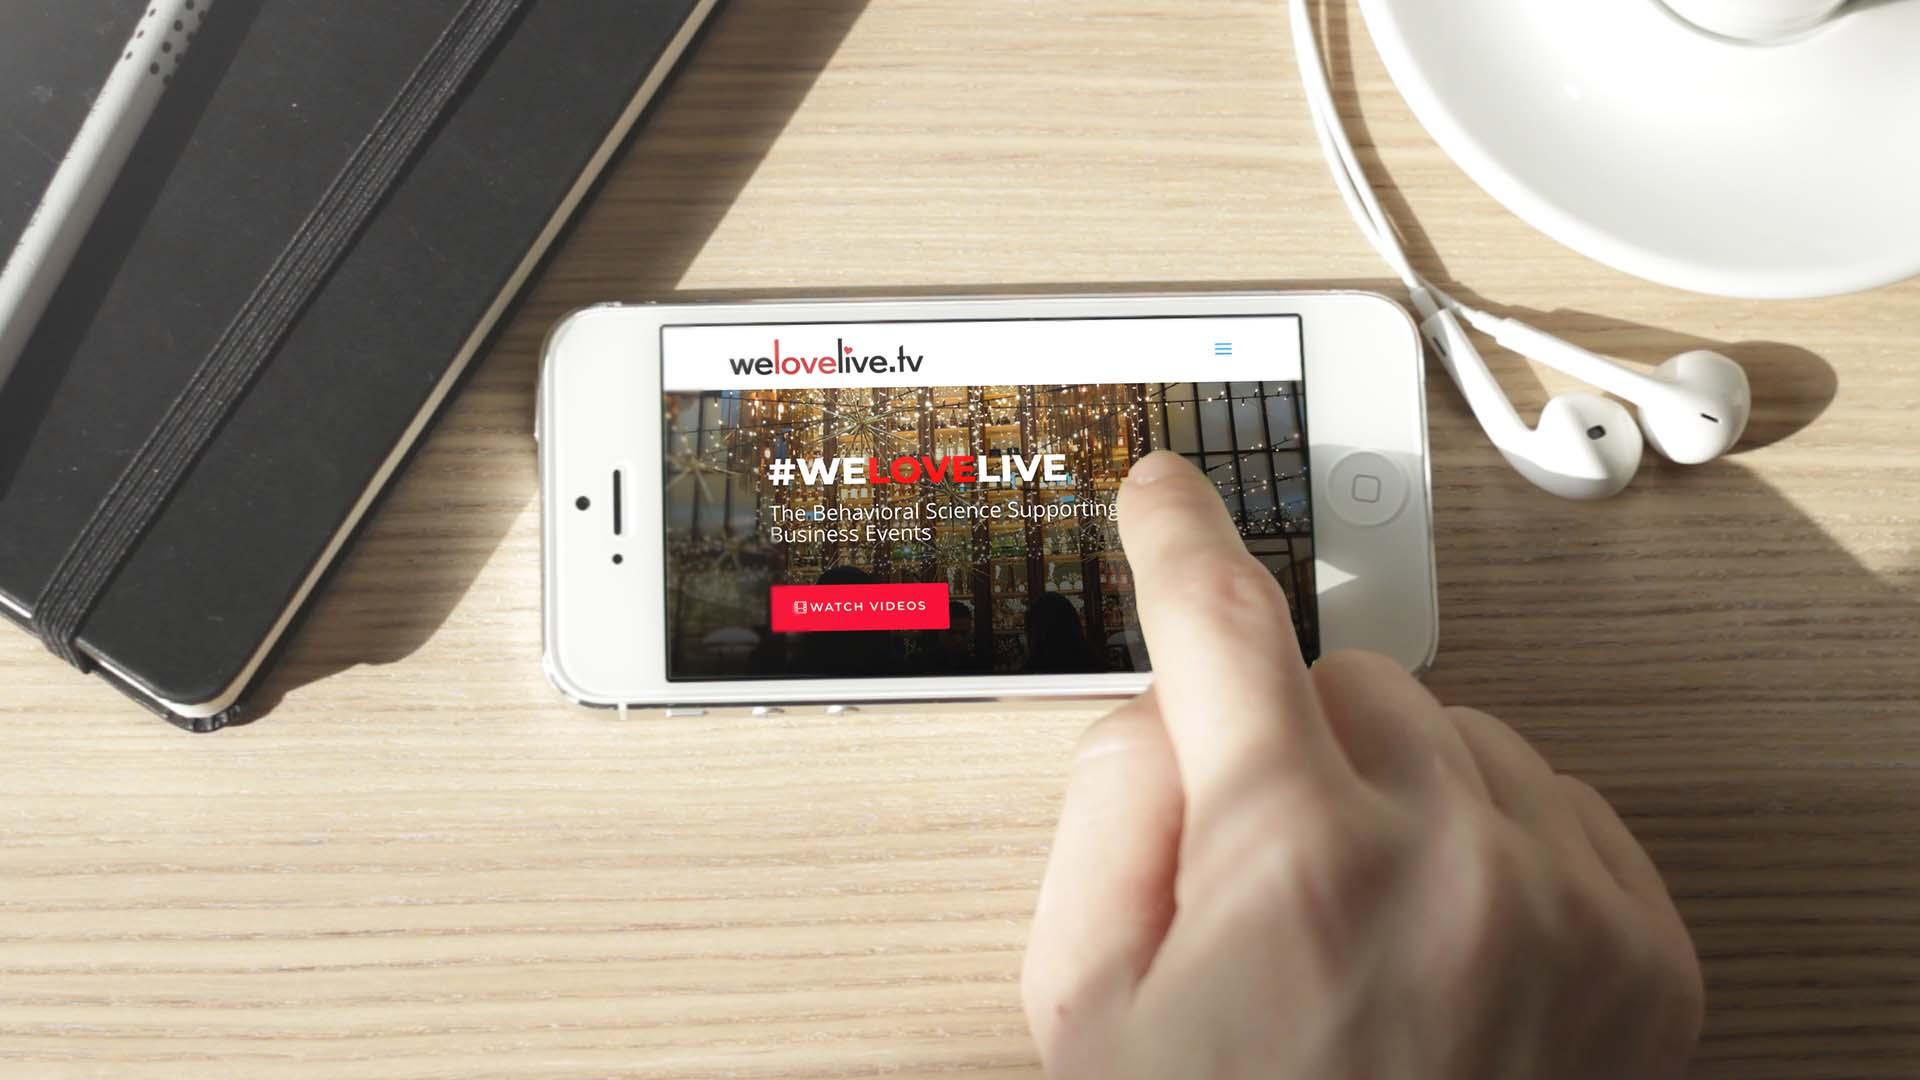 mobile web design for welovelive.tv